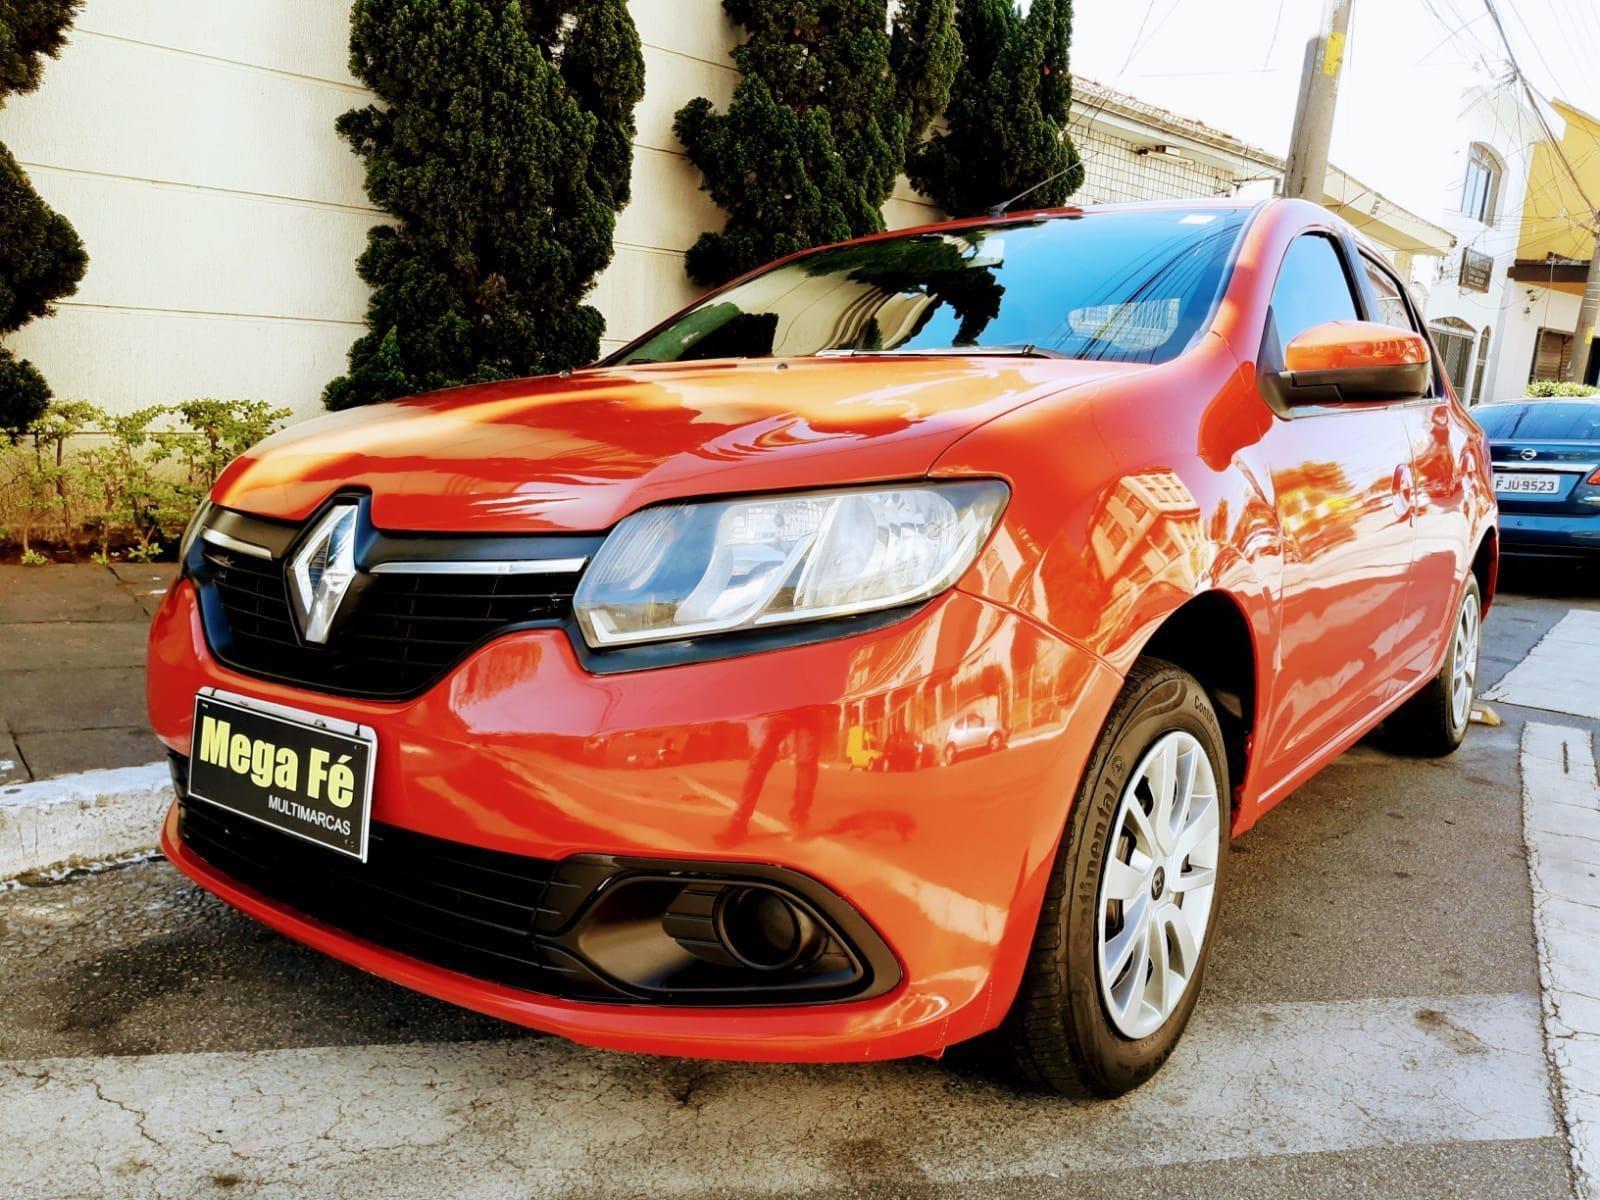 //www.autoline.com.br/carro/renault/logan-16-expression-16v-flex-4p-manual/2018/sao-paulo-sp/15890542